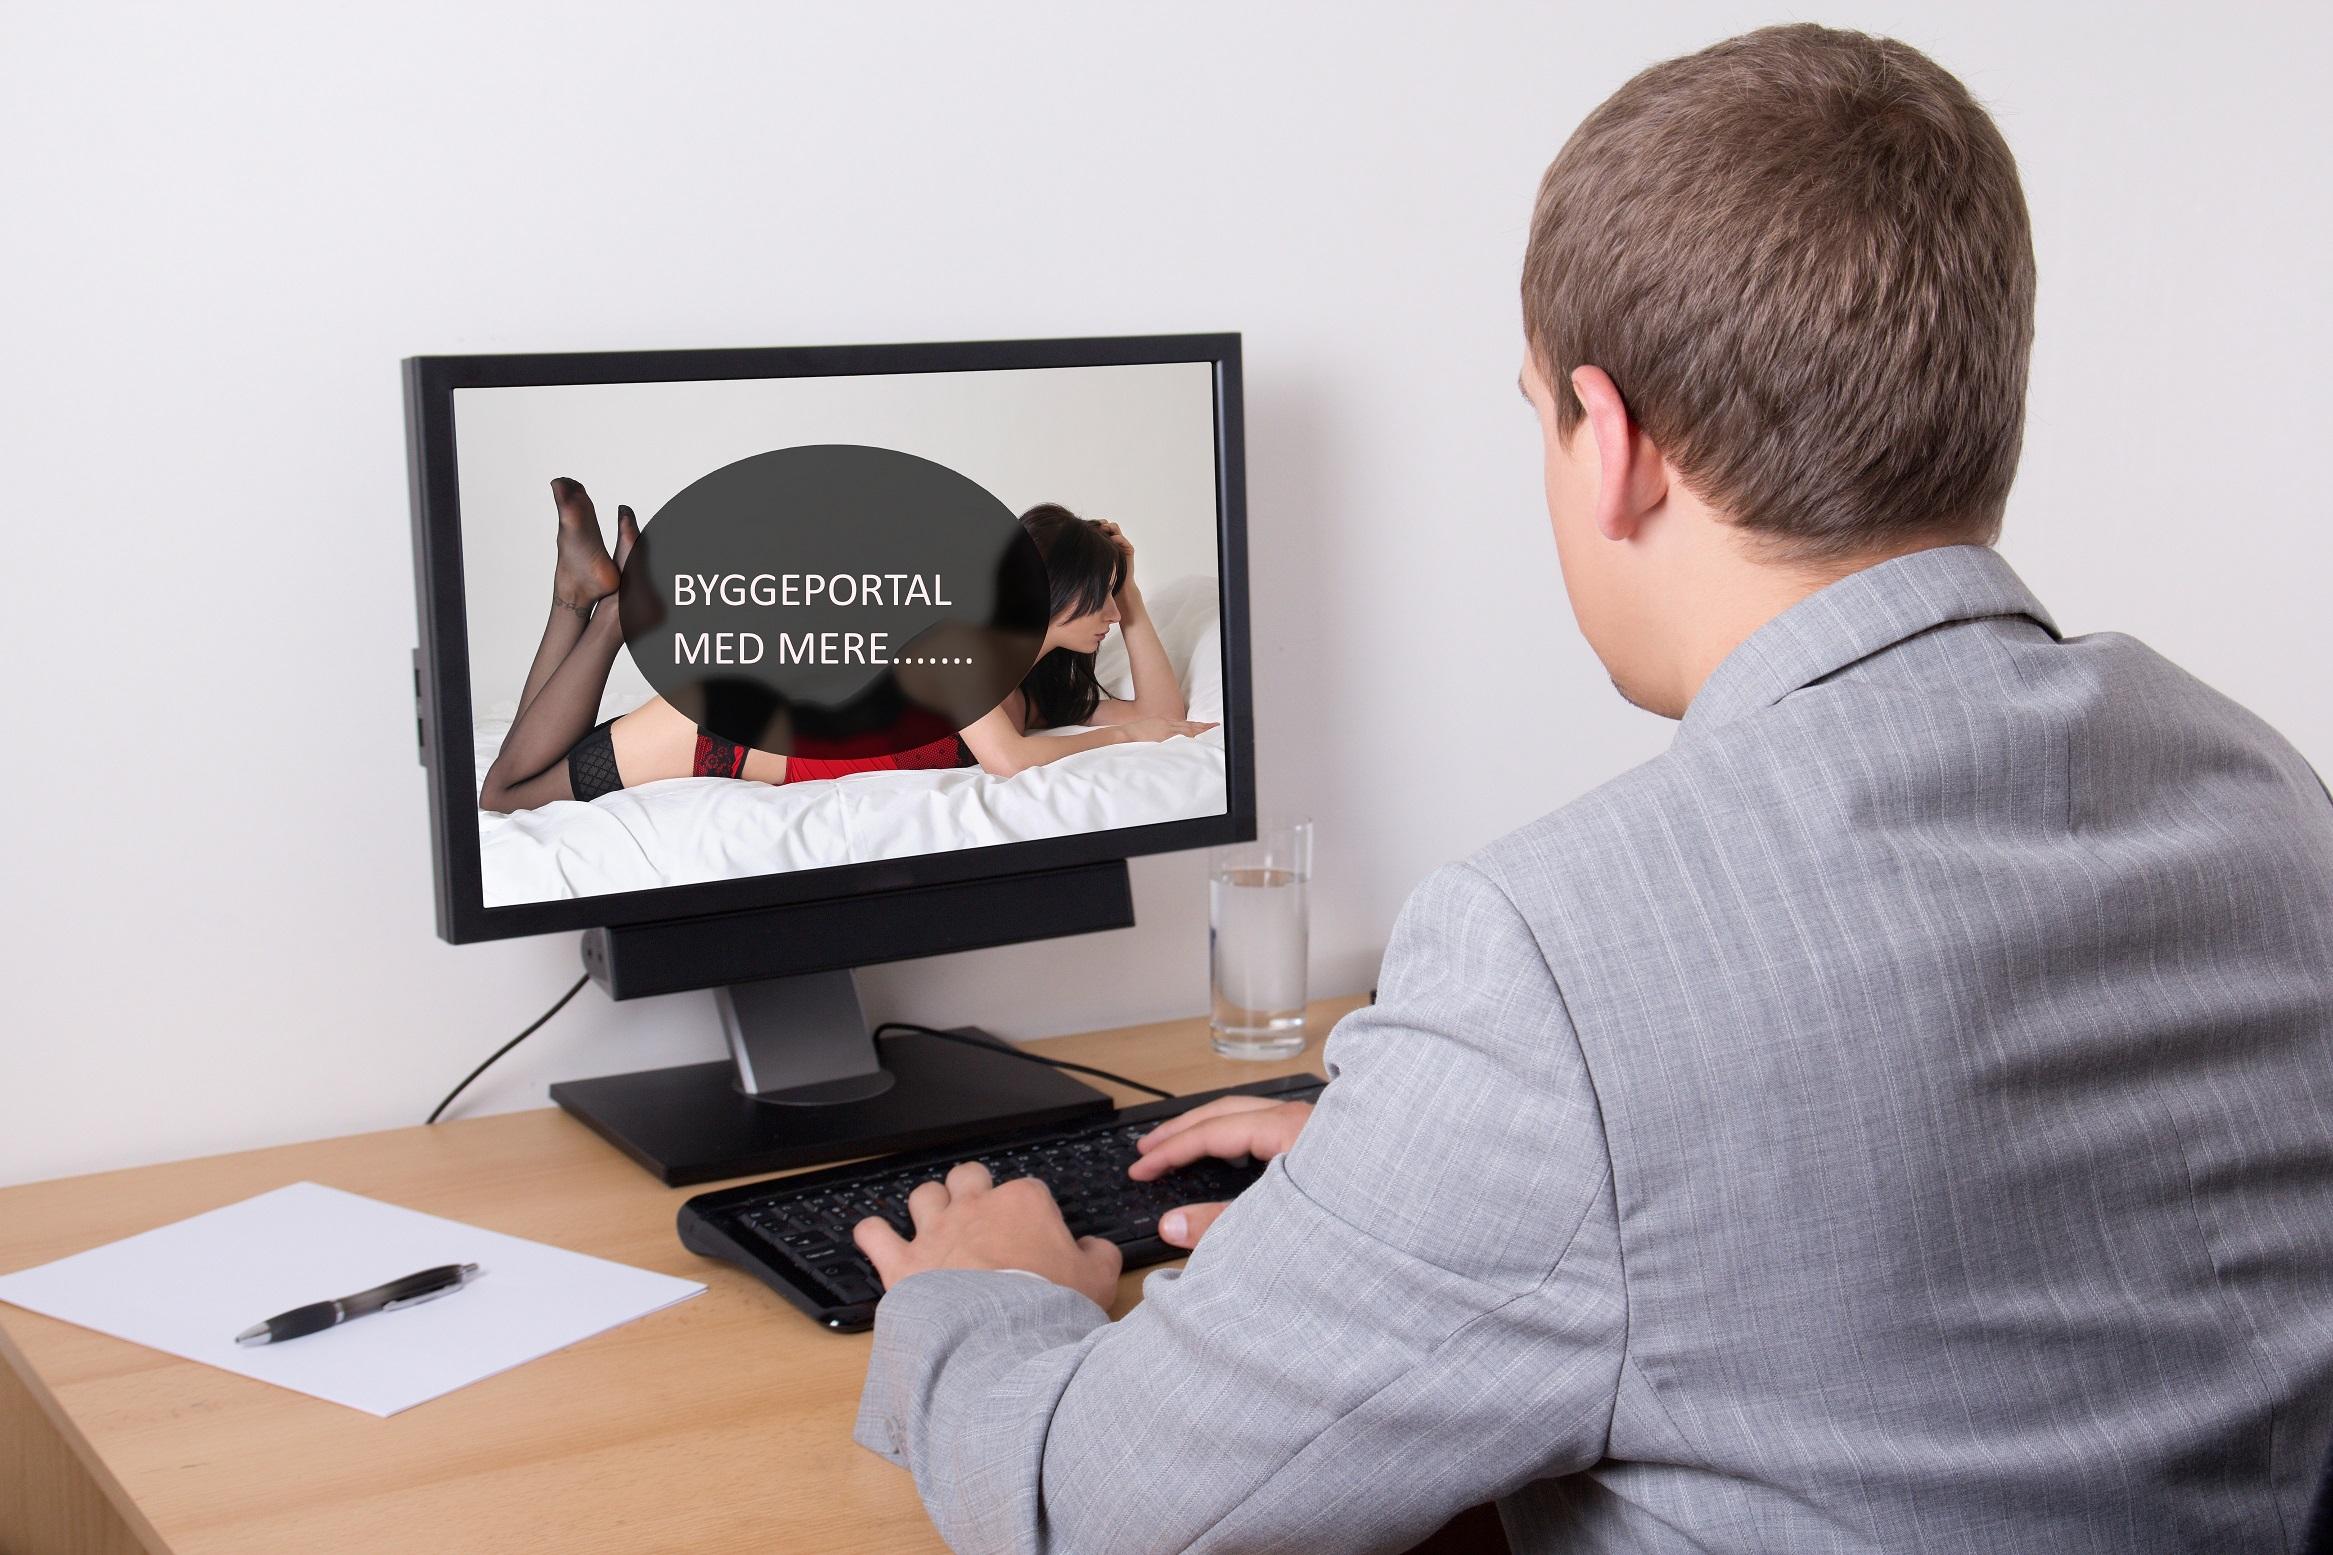 hurtige penge ulovligt danske pornosider